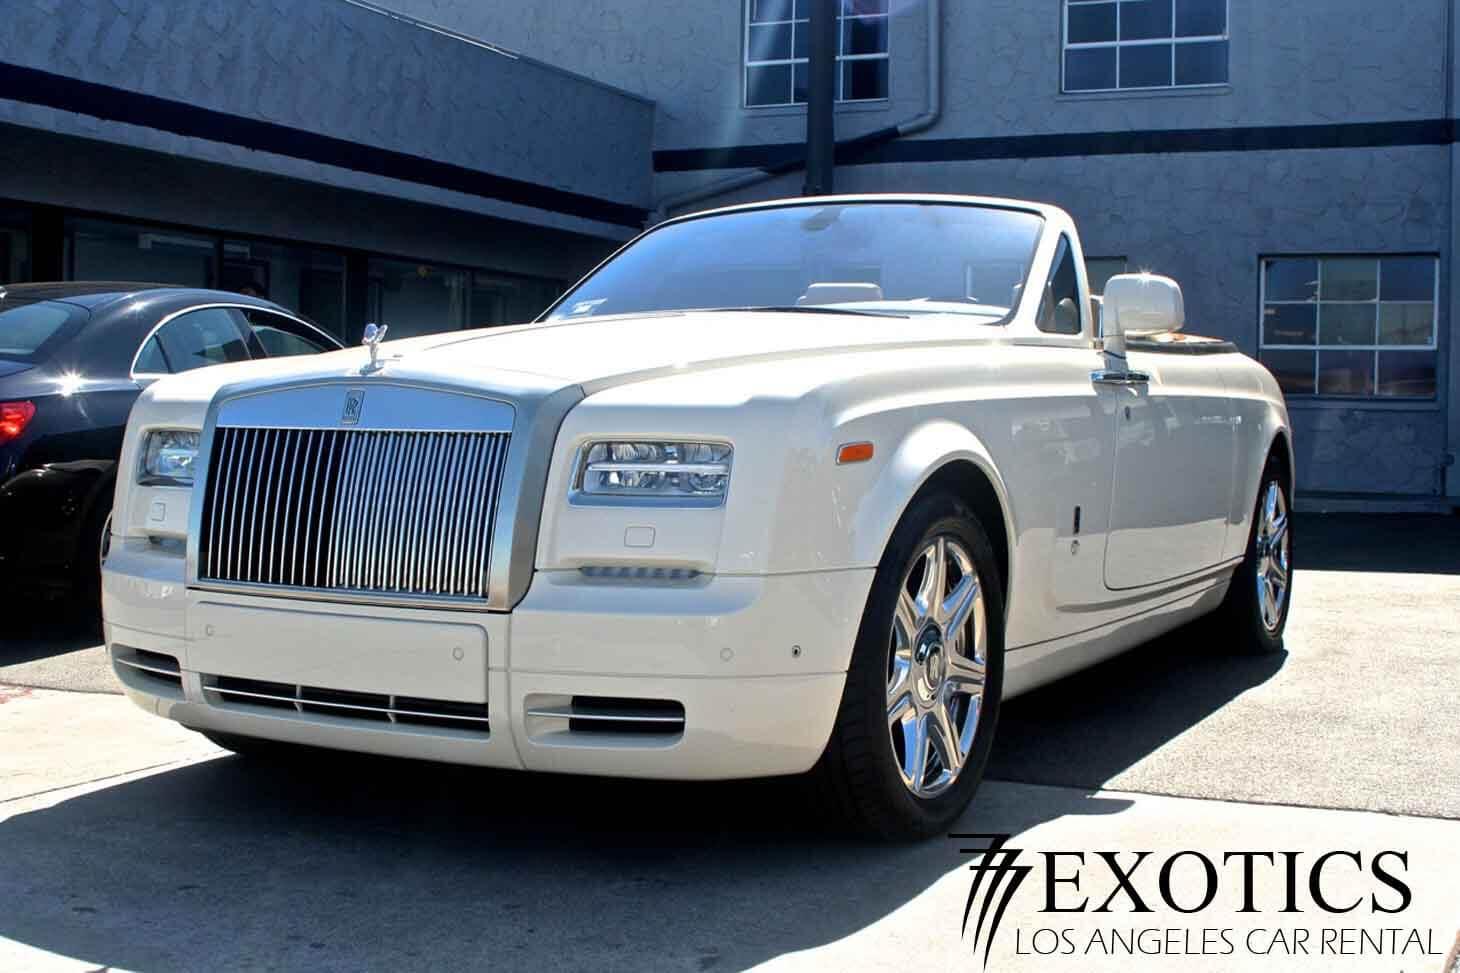 Rolls Royce Phantom Rental Los Angeles And Las Vegas